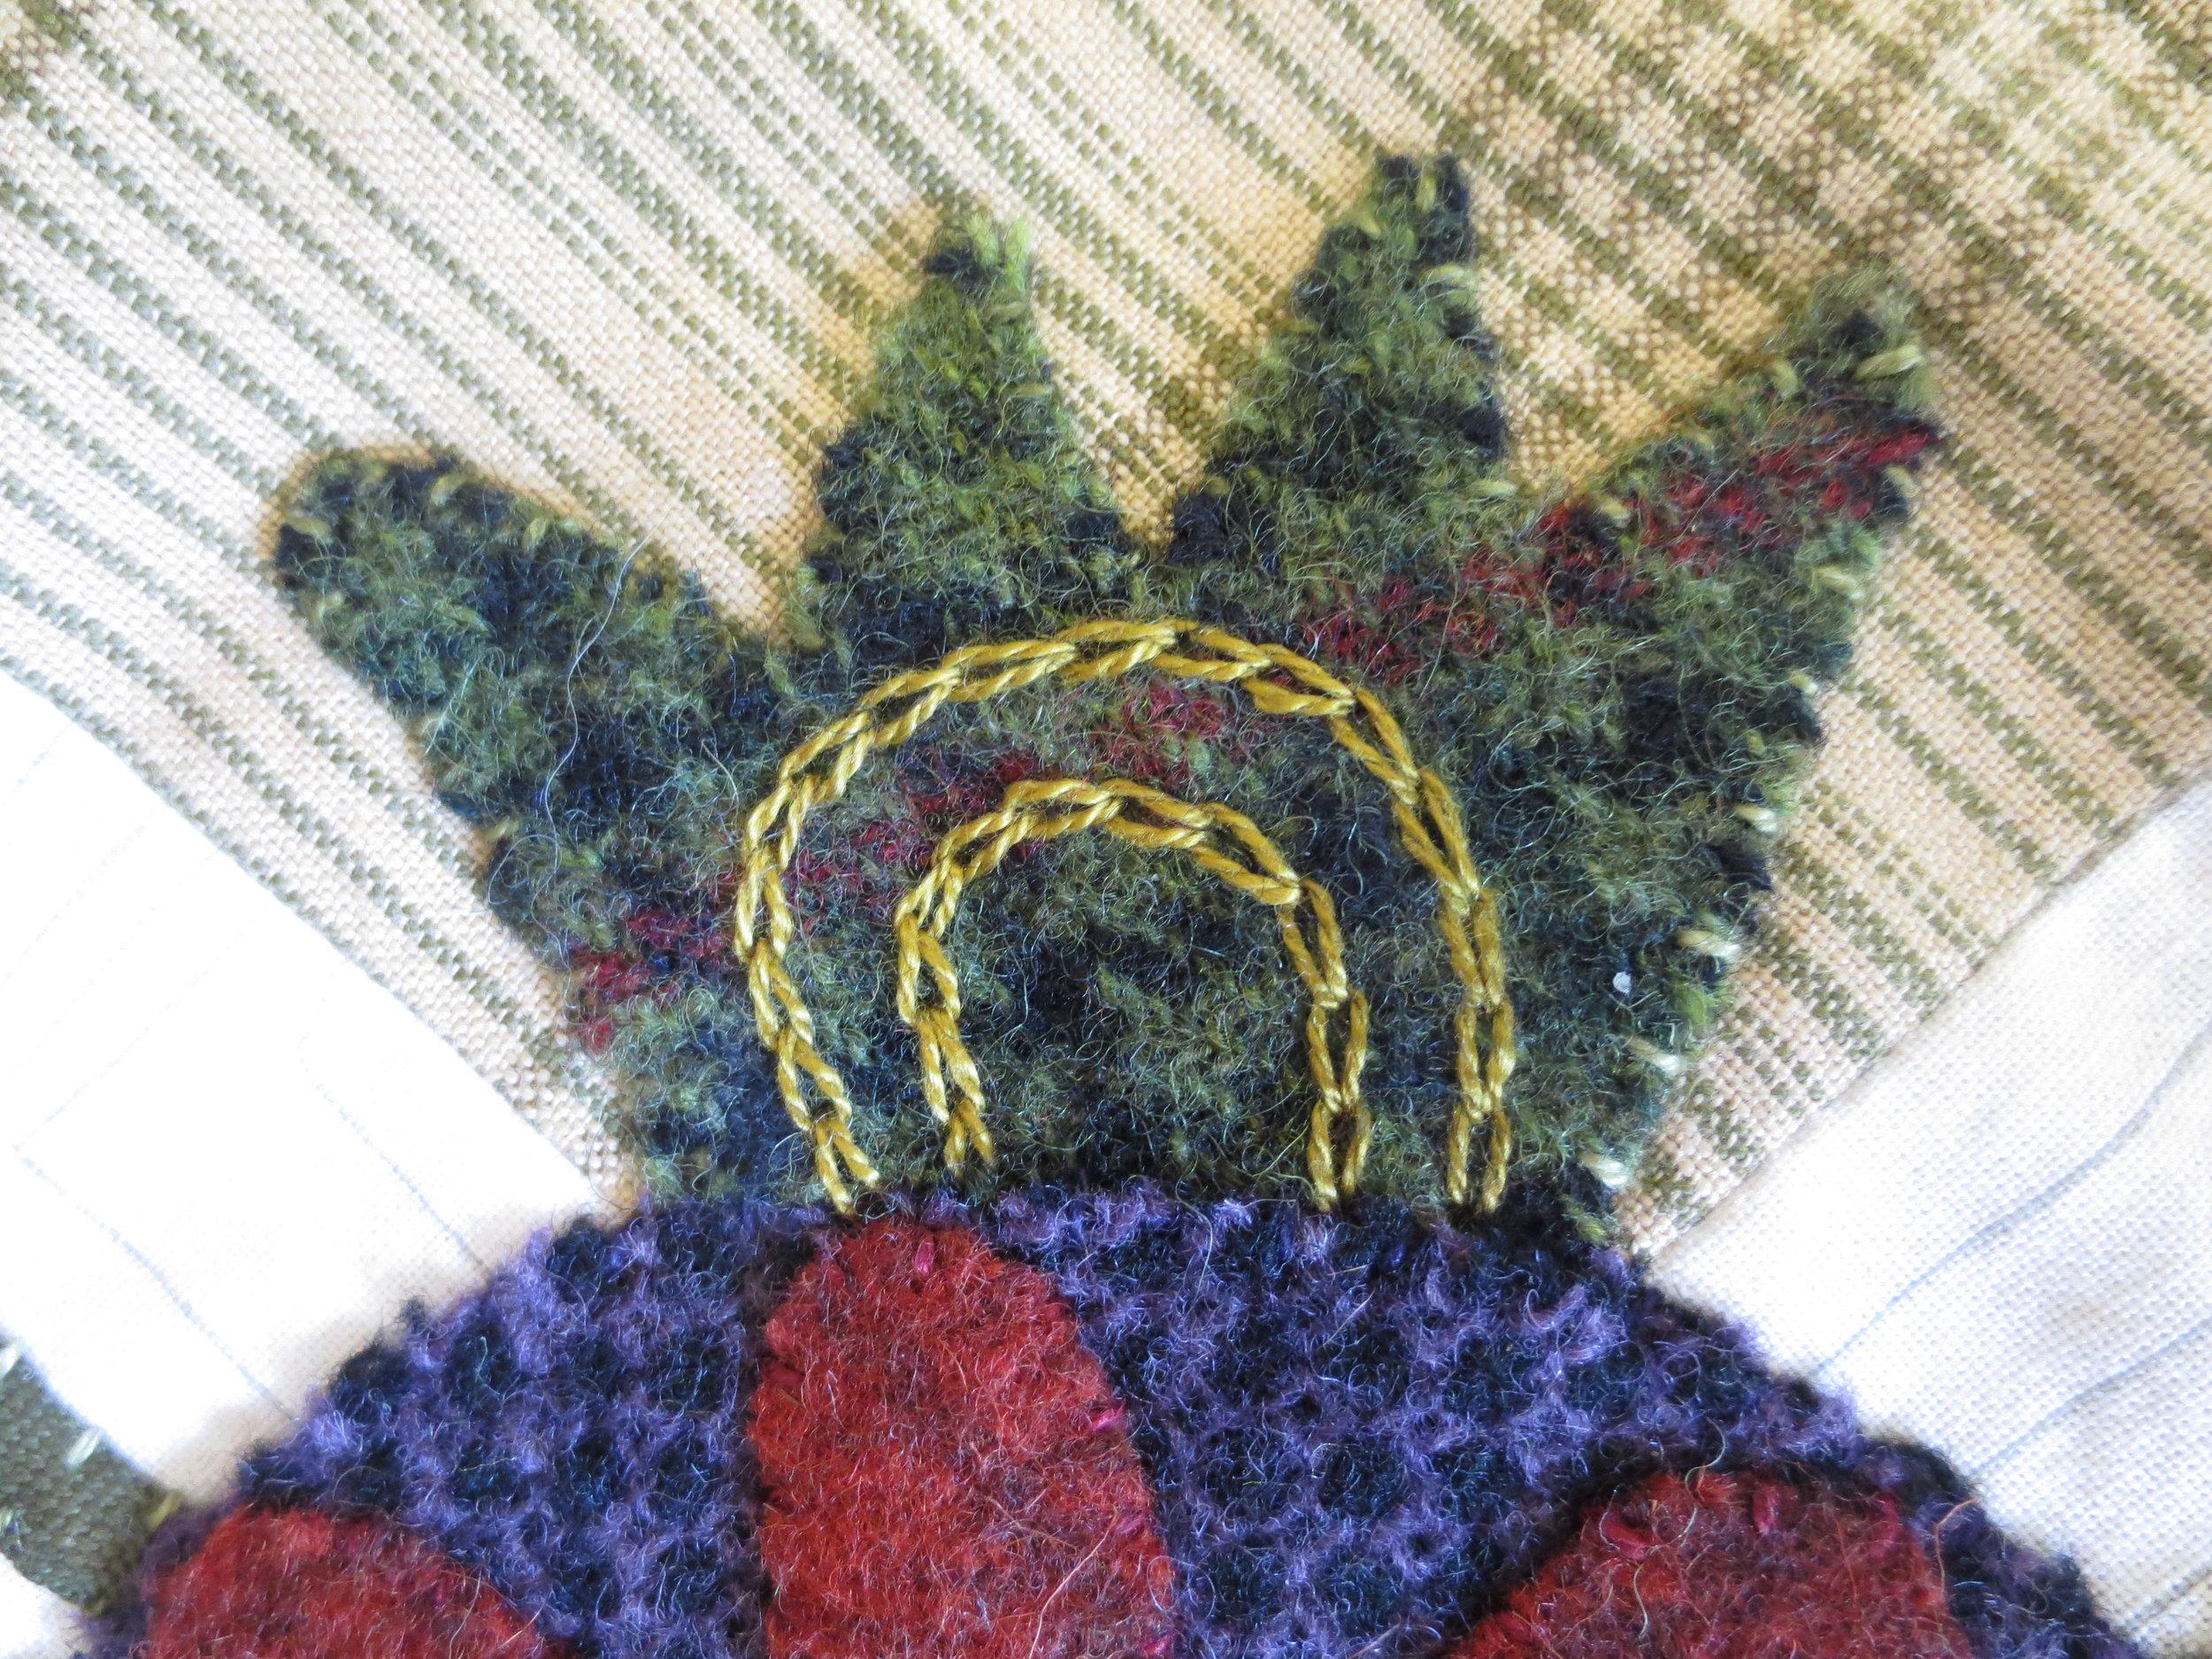 Flowers From My Garden Center Applique chain stitch7.jpg